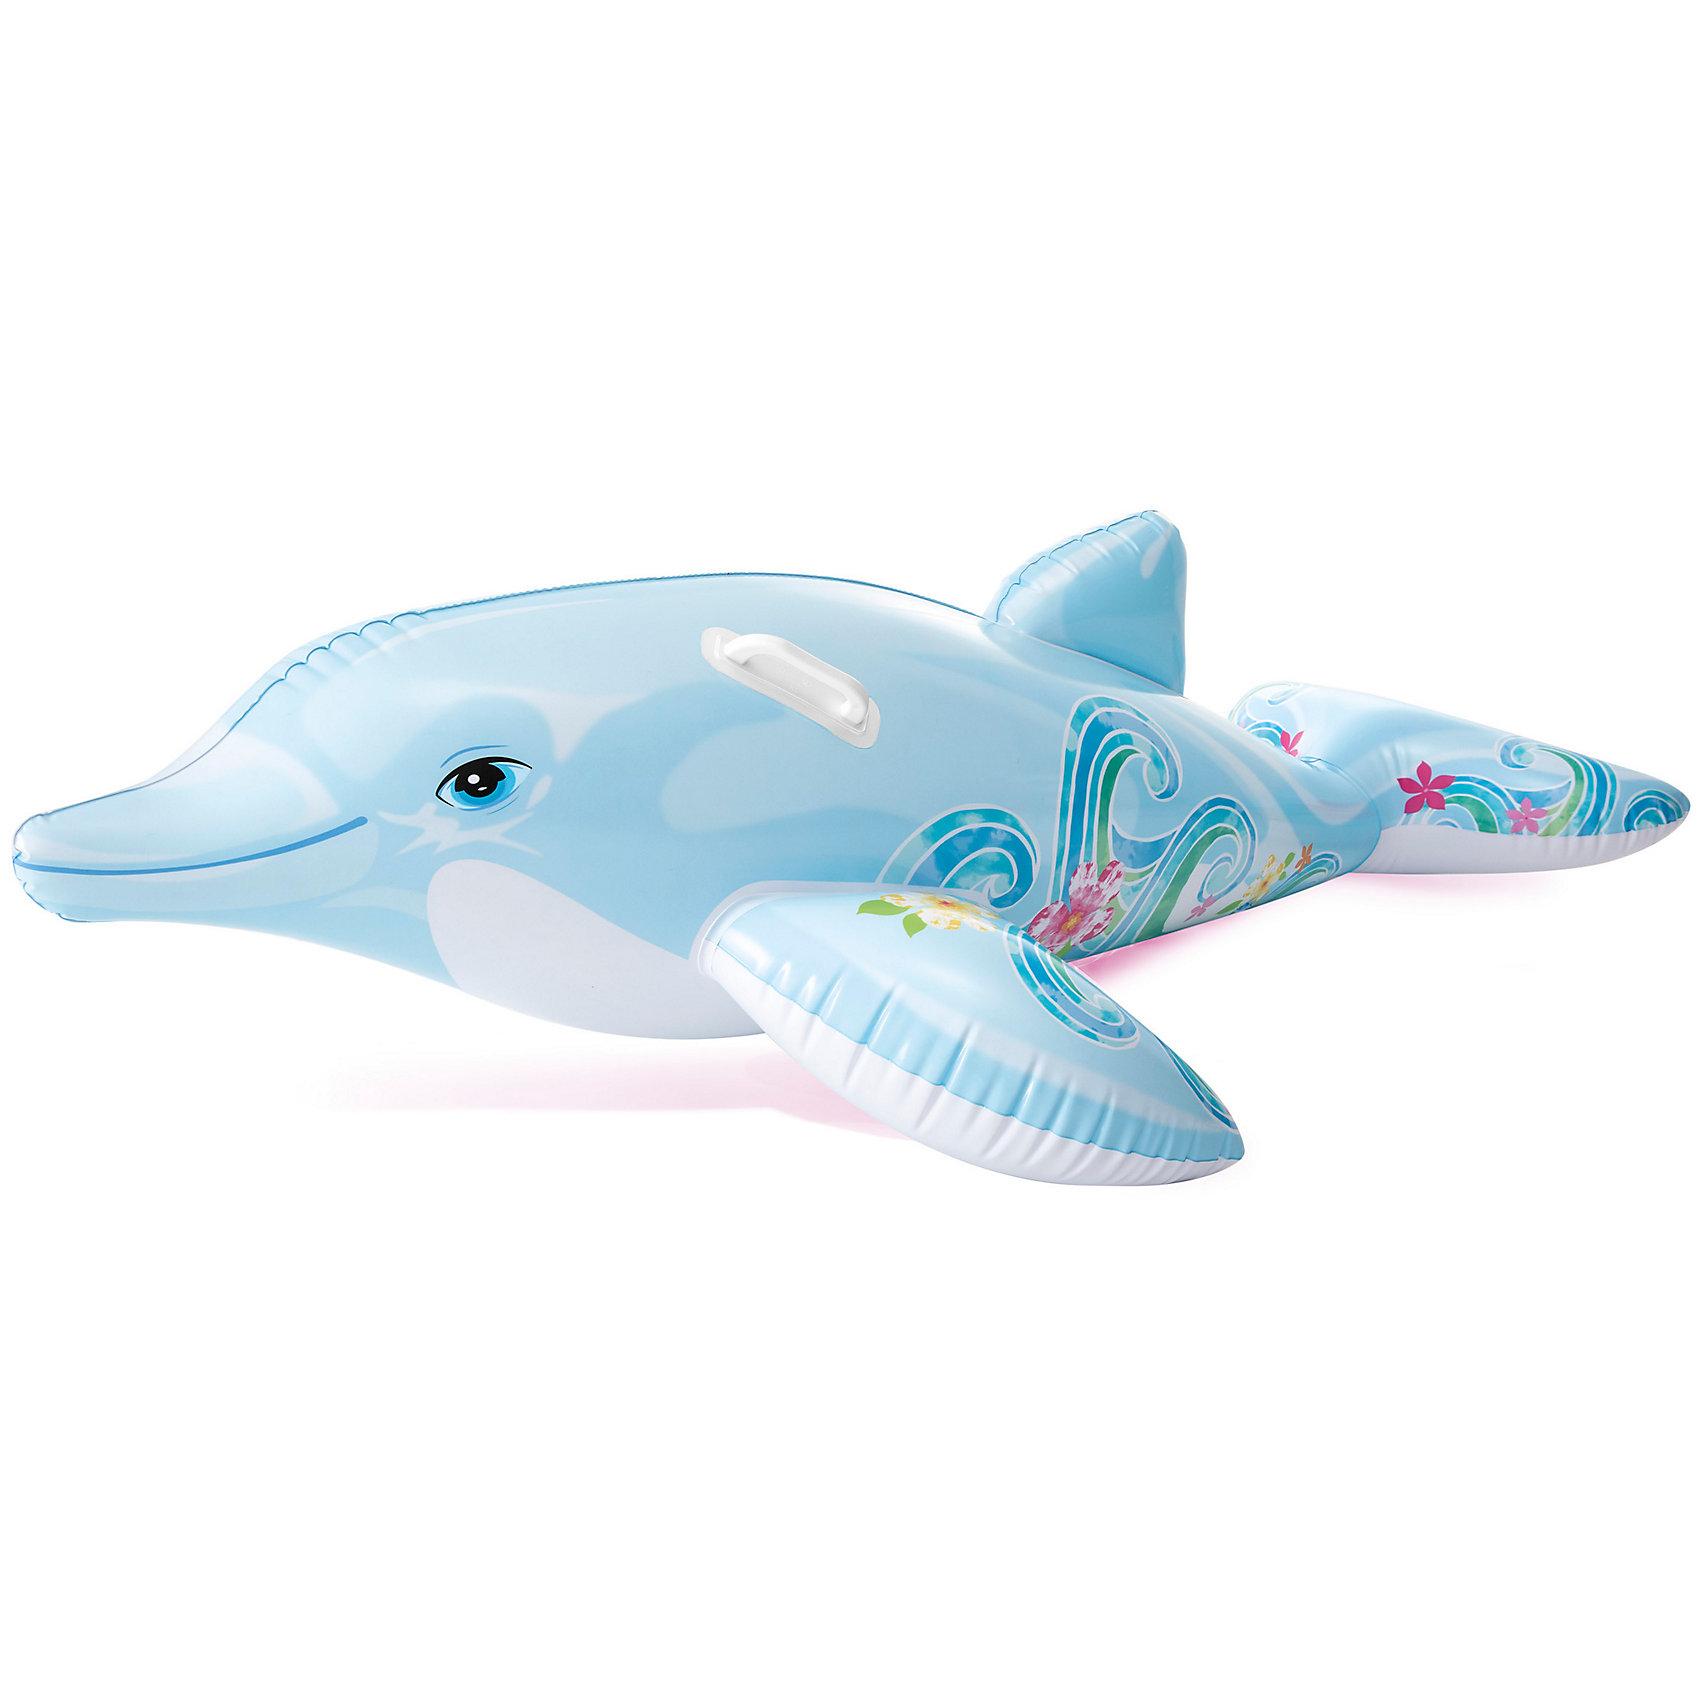 Дельфин надувной 175*66см с двумя ручками, IntexМатрасы и лодки<br>Надувной матрас для детей и родителей выполнен в форме дельфина. С ним так легко и не страшно плавать! Надувной матрас сделан из плотного высококачественного ПВХ.<br>Размер: 175 х 66 см.<br>Две ручки по бокам.<br><br>Ширина мм: 205<br>Глубина мм: 195<br>Высота мм: 79<br>Вес г: 735<br>Возраст от месяцев: 36<br>Возраст до месяцев: 1164<br>Пол: Унисекс<br>Возраст: Детский<br>SKU: 1925243